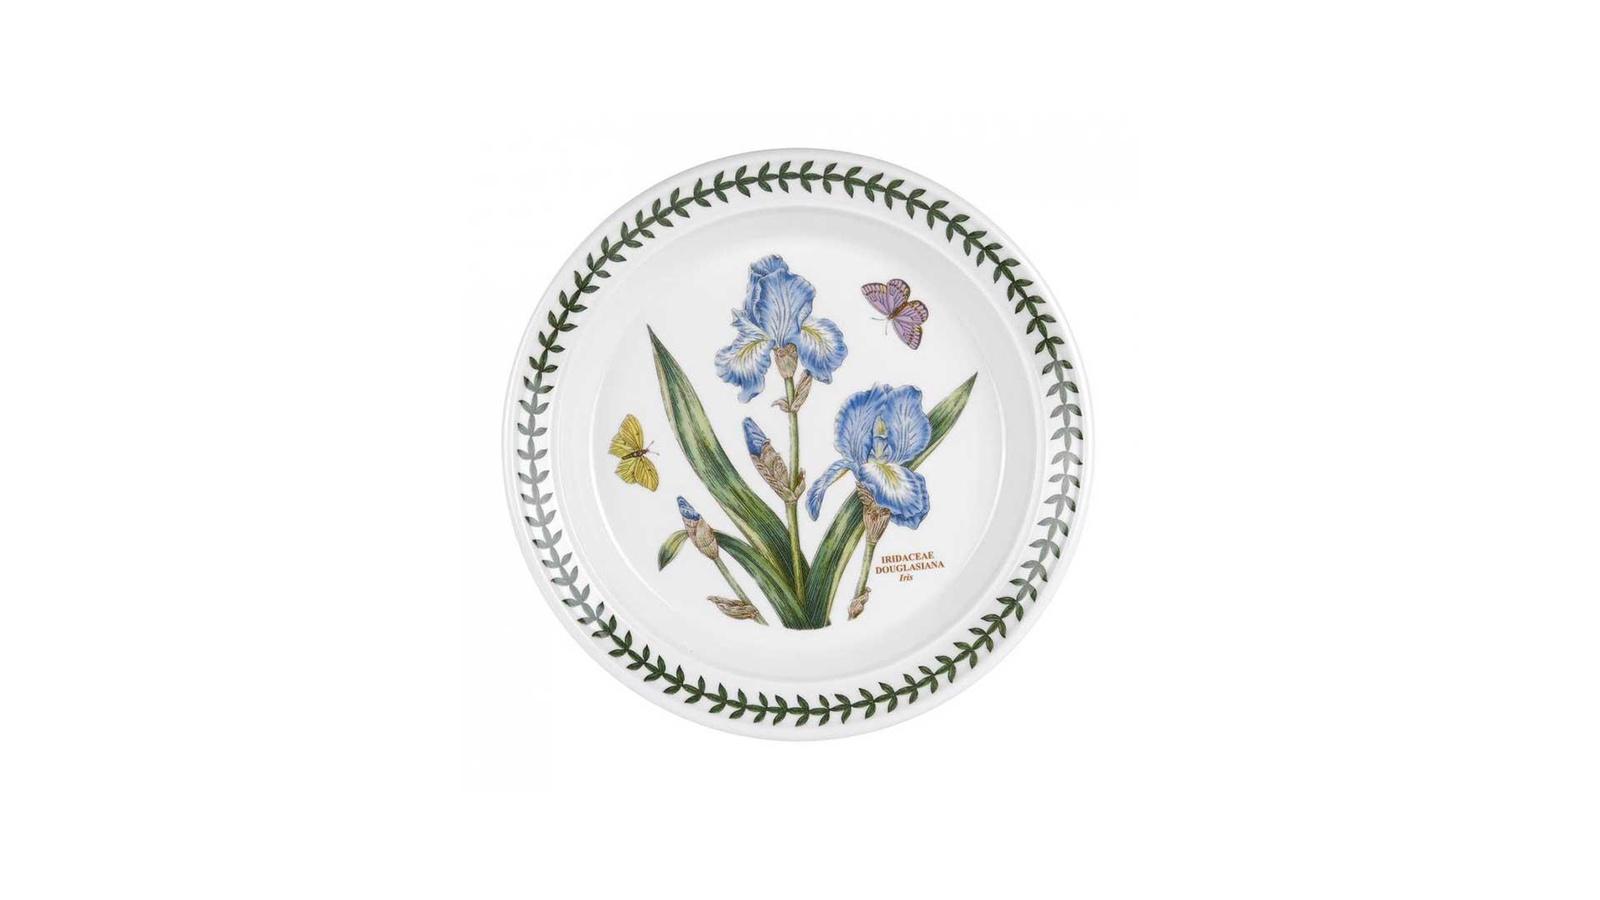 Тарелка Portmeirion PRT-BG05072-18, Фаянс закладки ботанический клуб